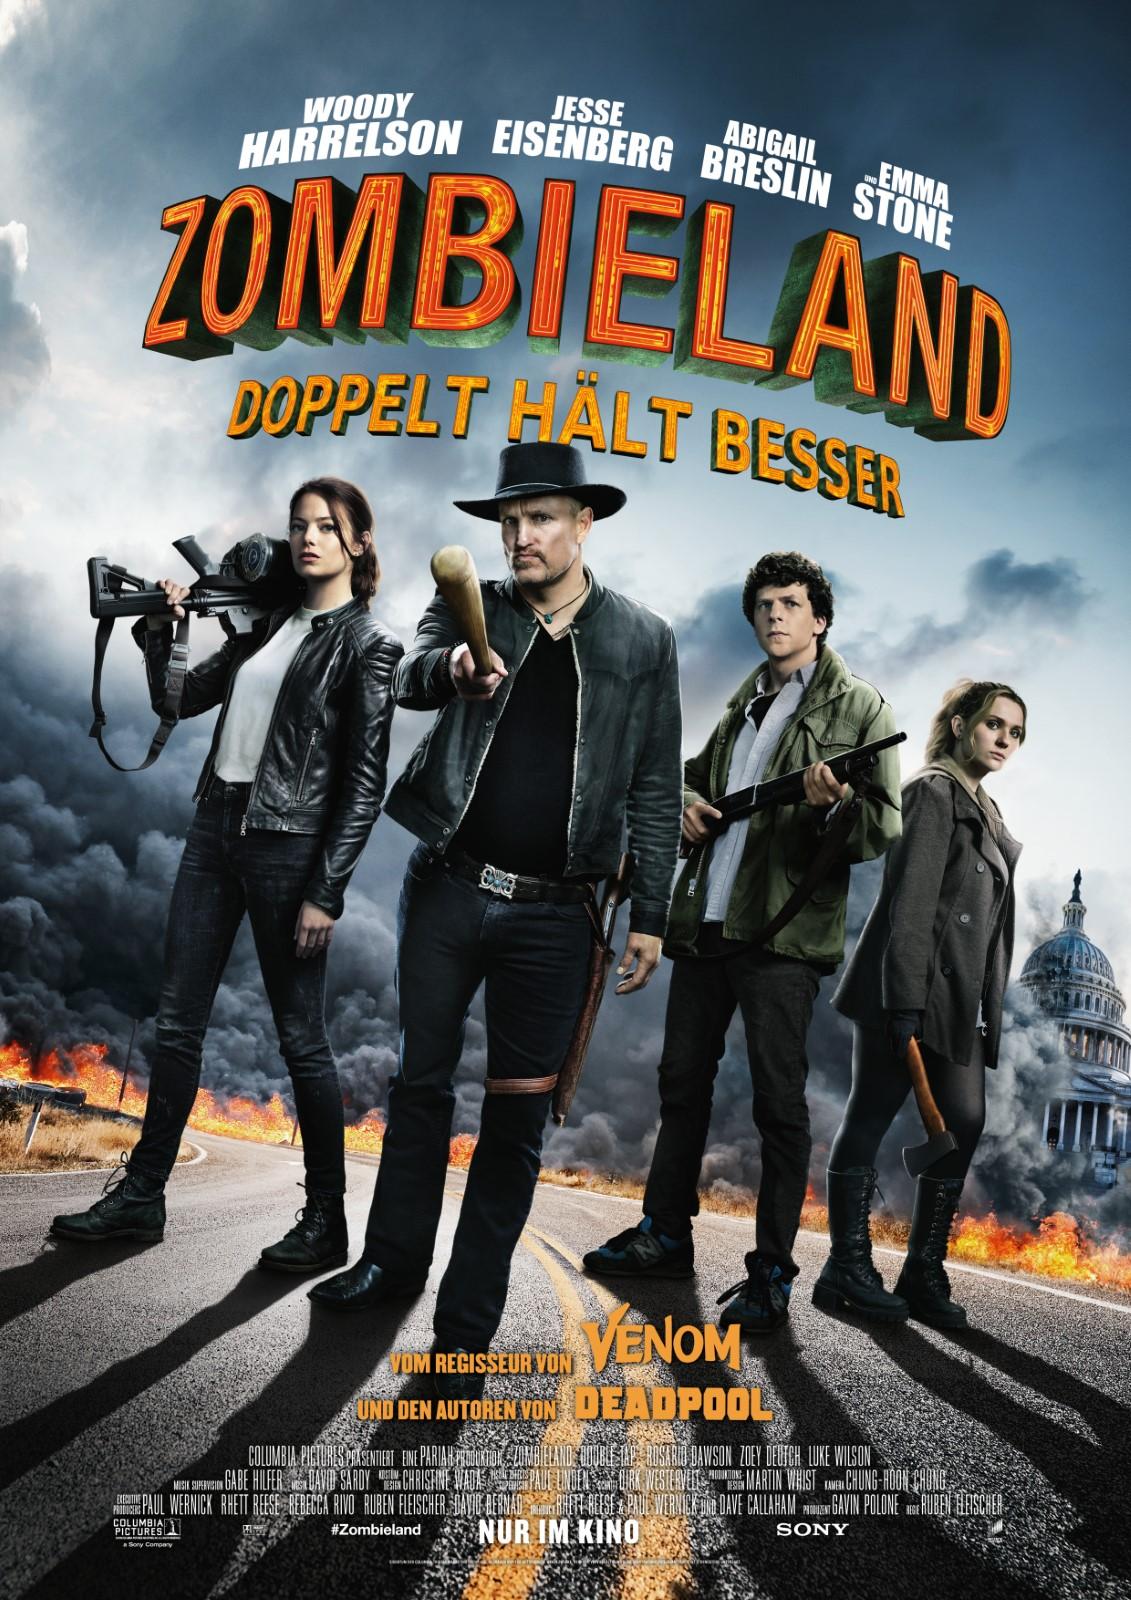 Zombieland 2 Besetzung